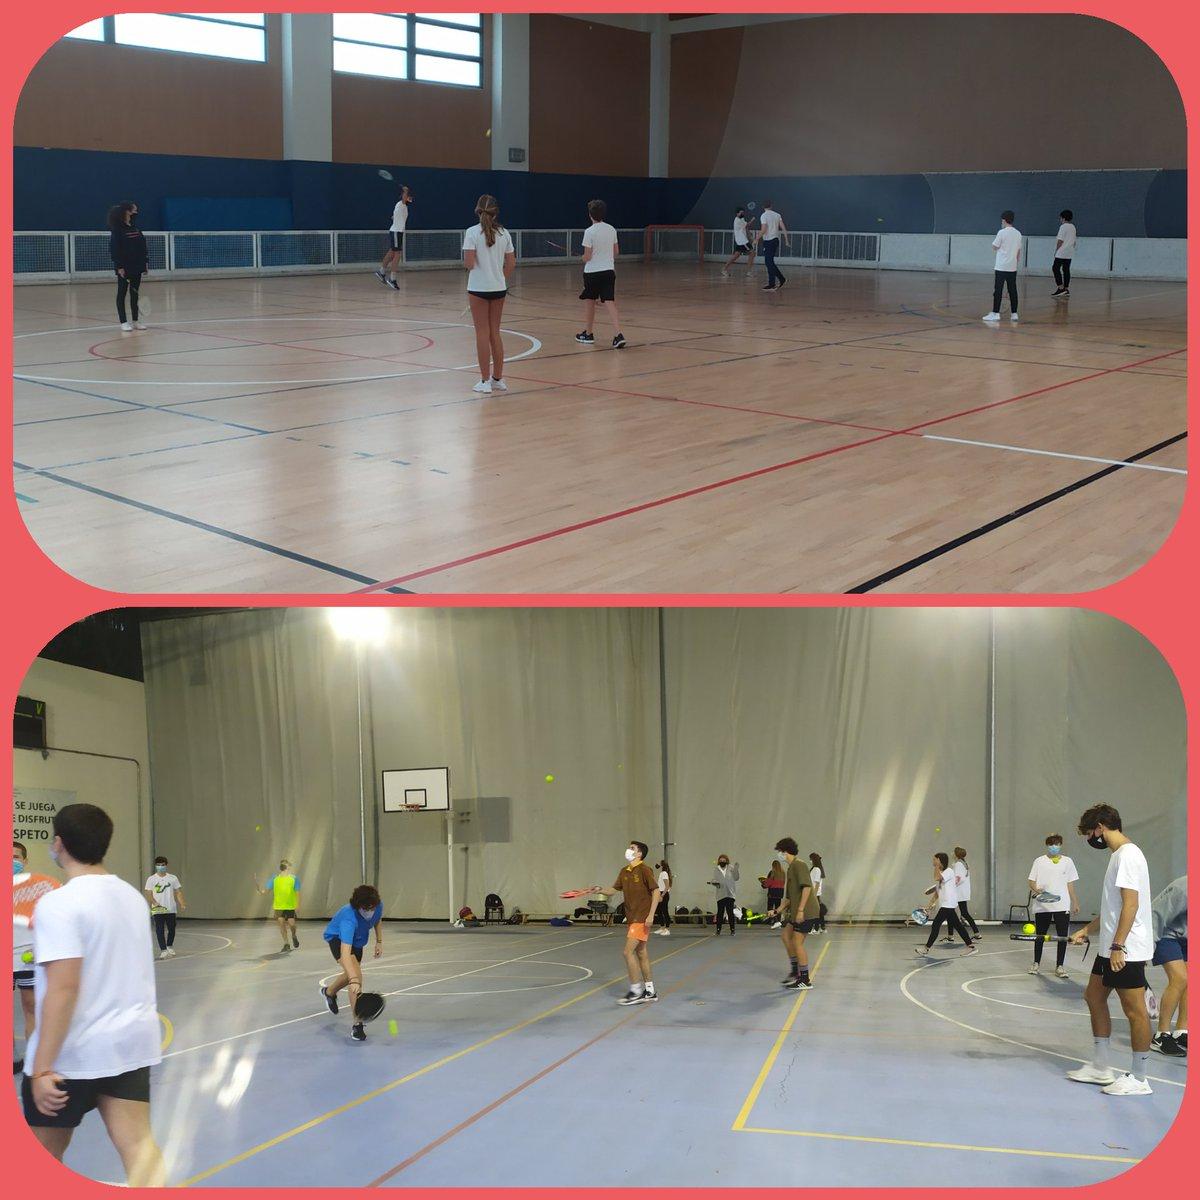 Deportes de raqueta en #educaciónfísica Cada alumno con su material, manteniendo distancias y con sus mascarillas. El entorno deportivo también es un entorno seguro. #secundaria #deportes https://t.co/WasNJfj4Yo